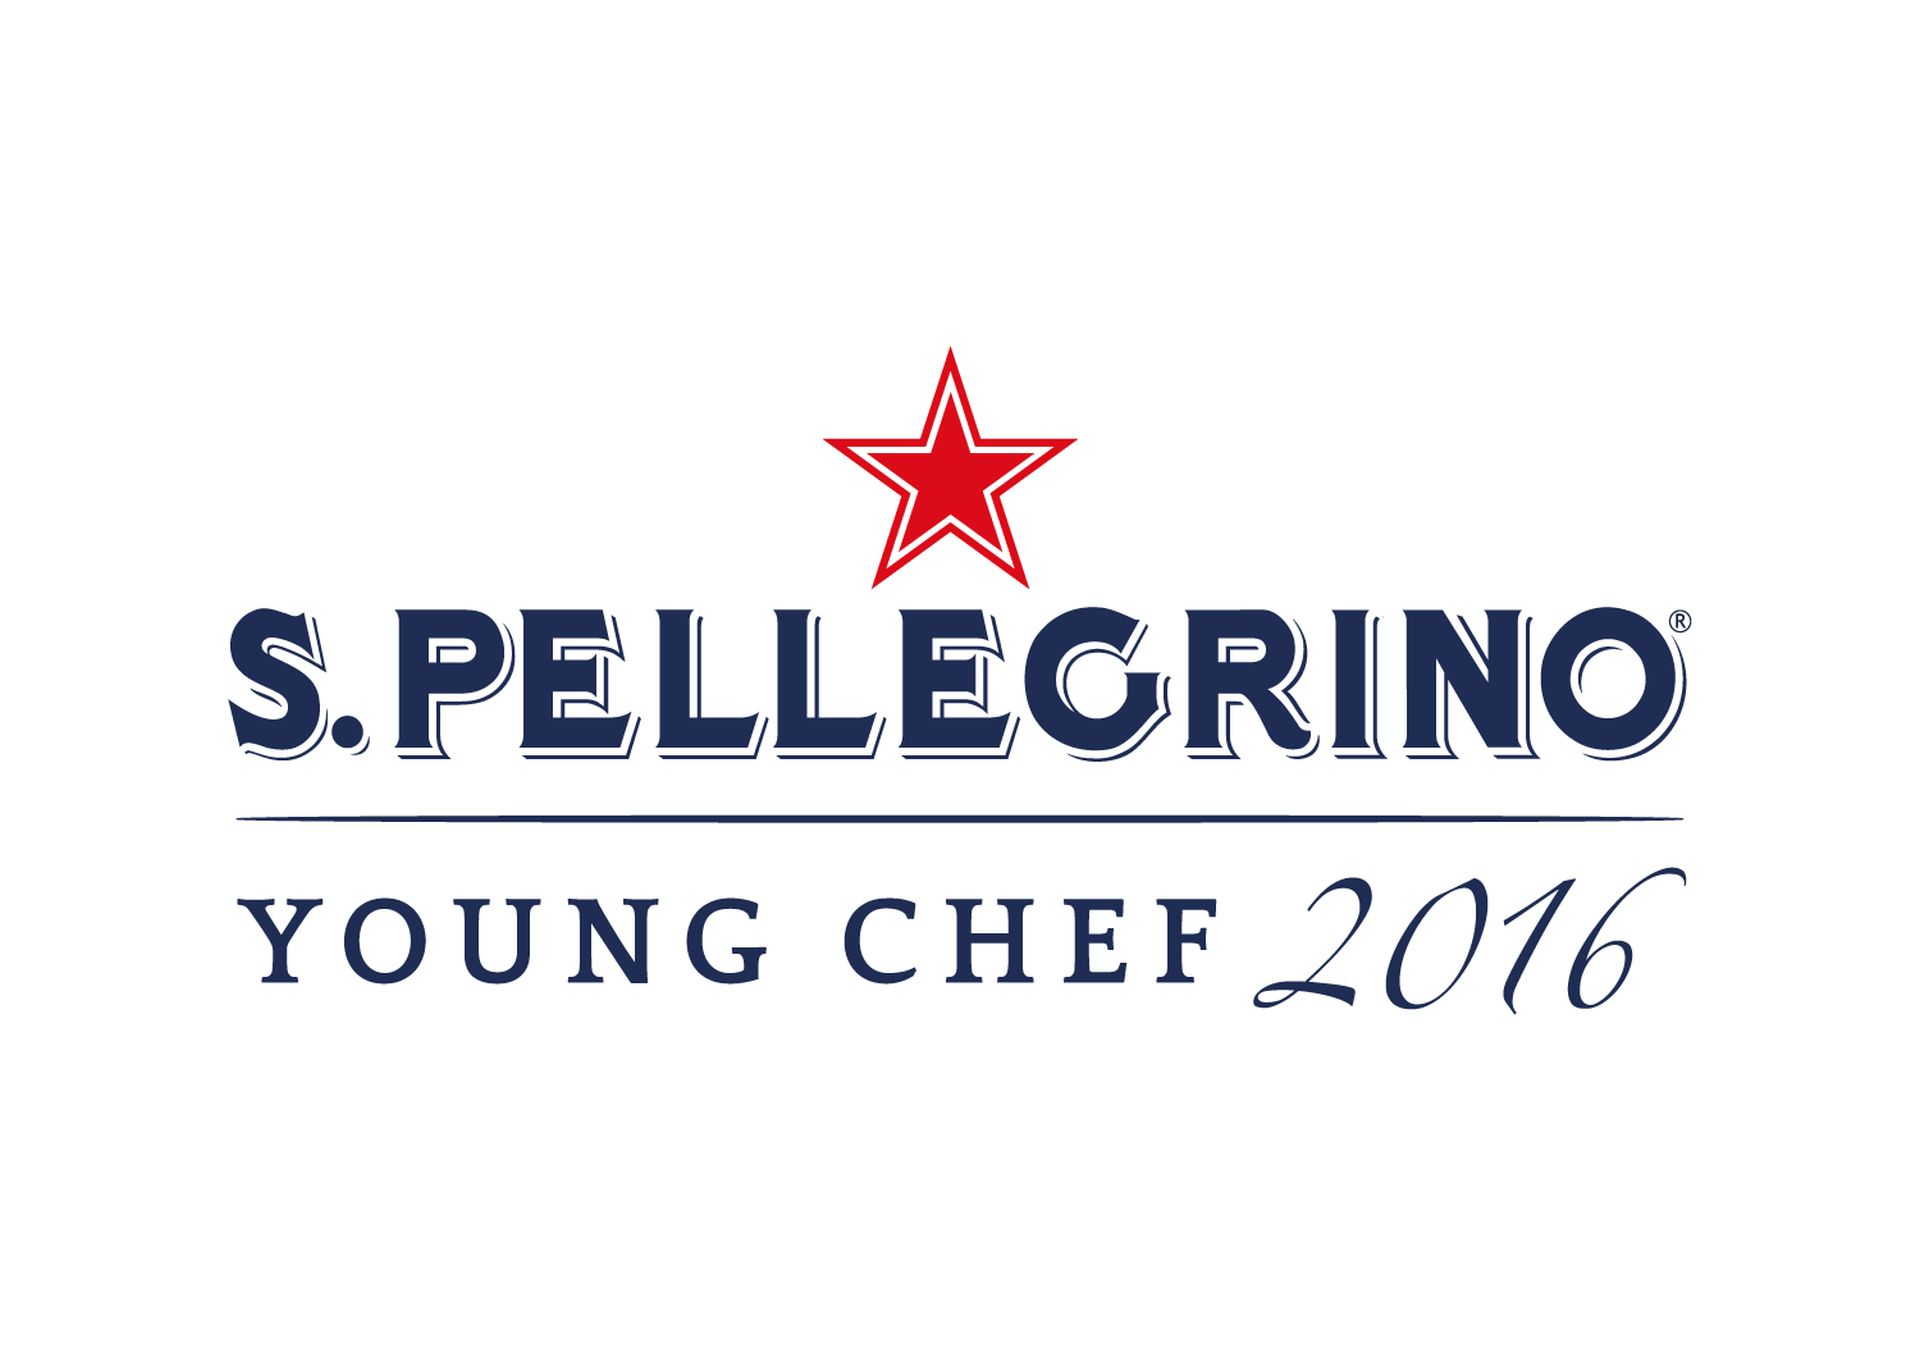 Объявлены полуфиналисты регионального этапа S. Pellegrino Young Chef 2016